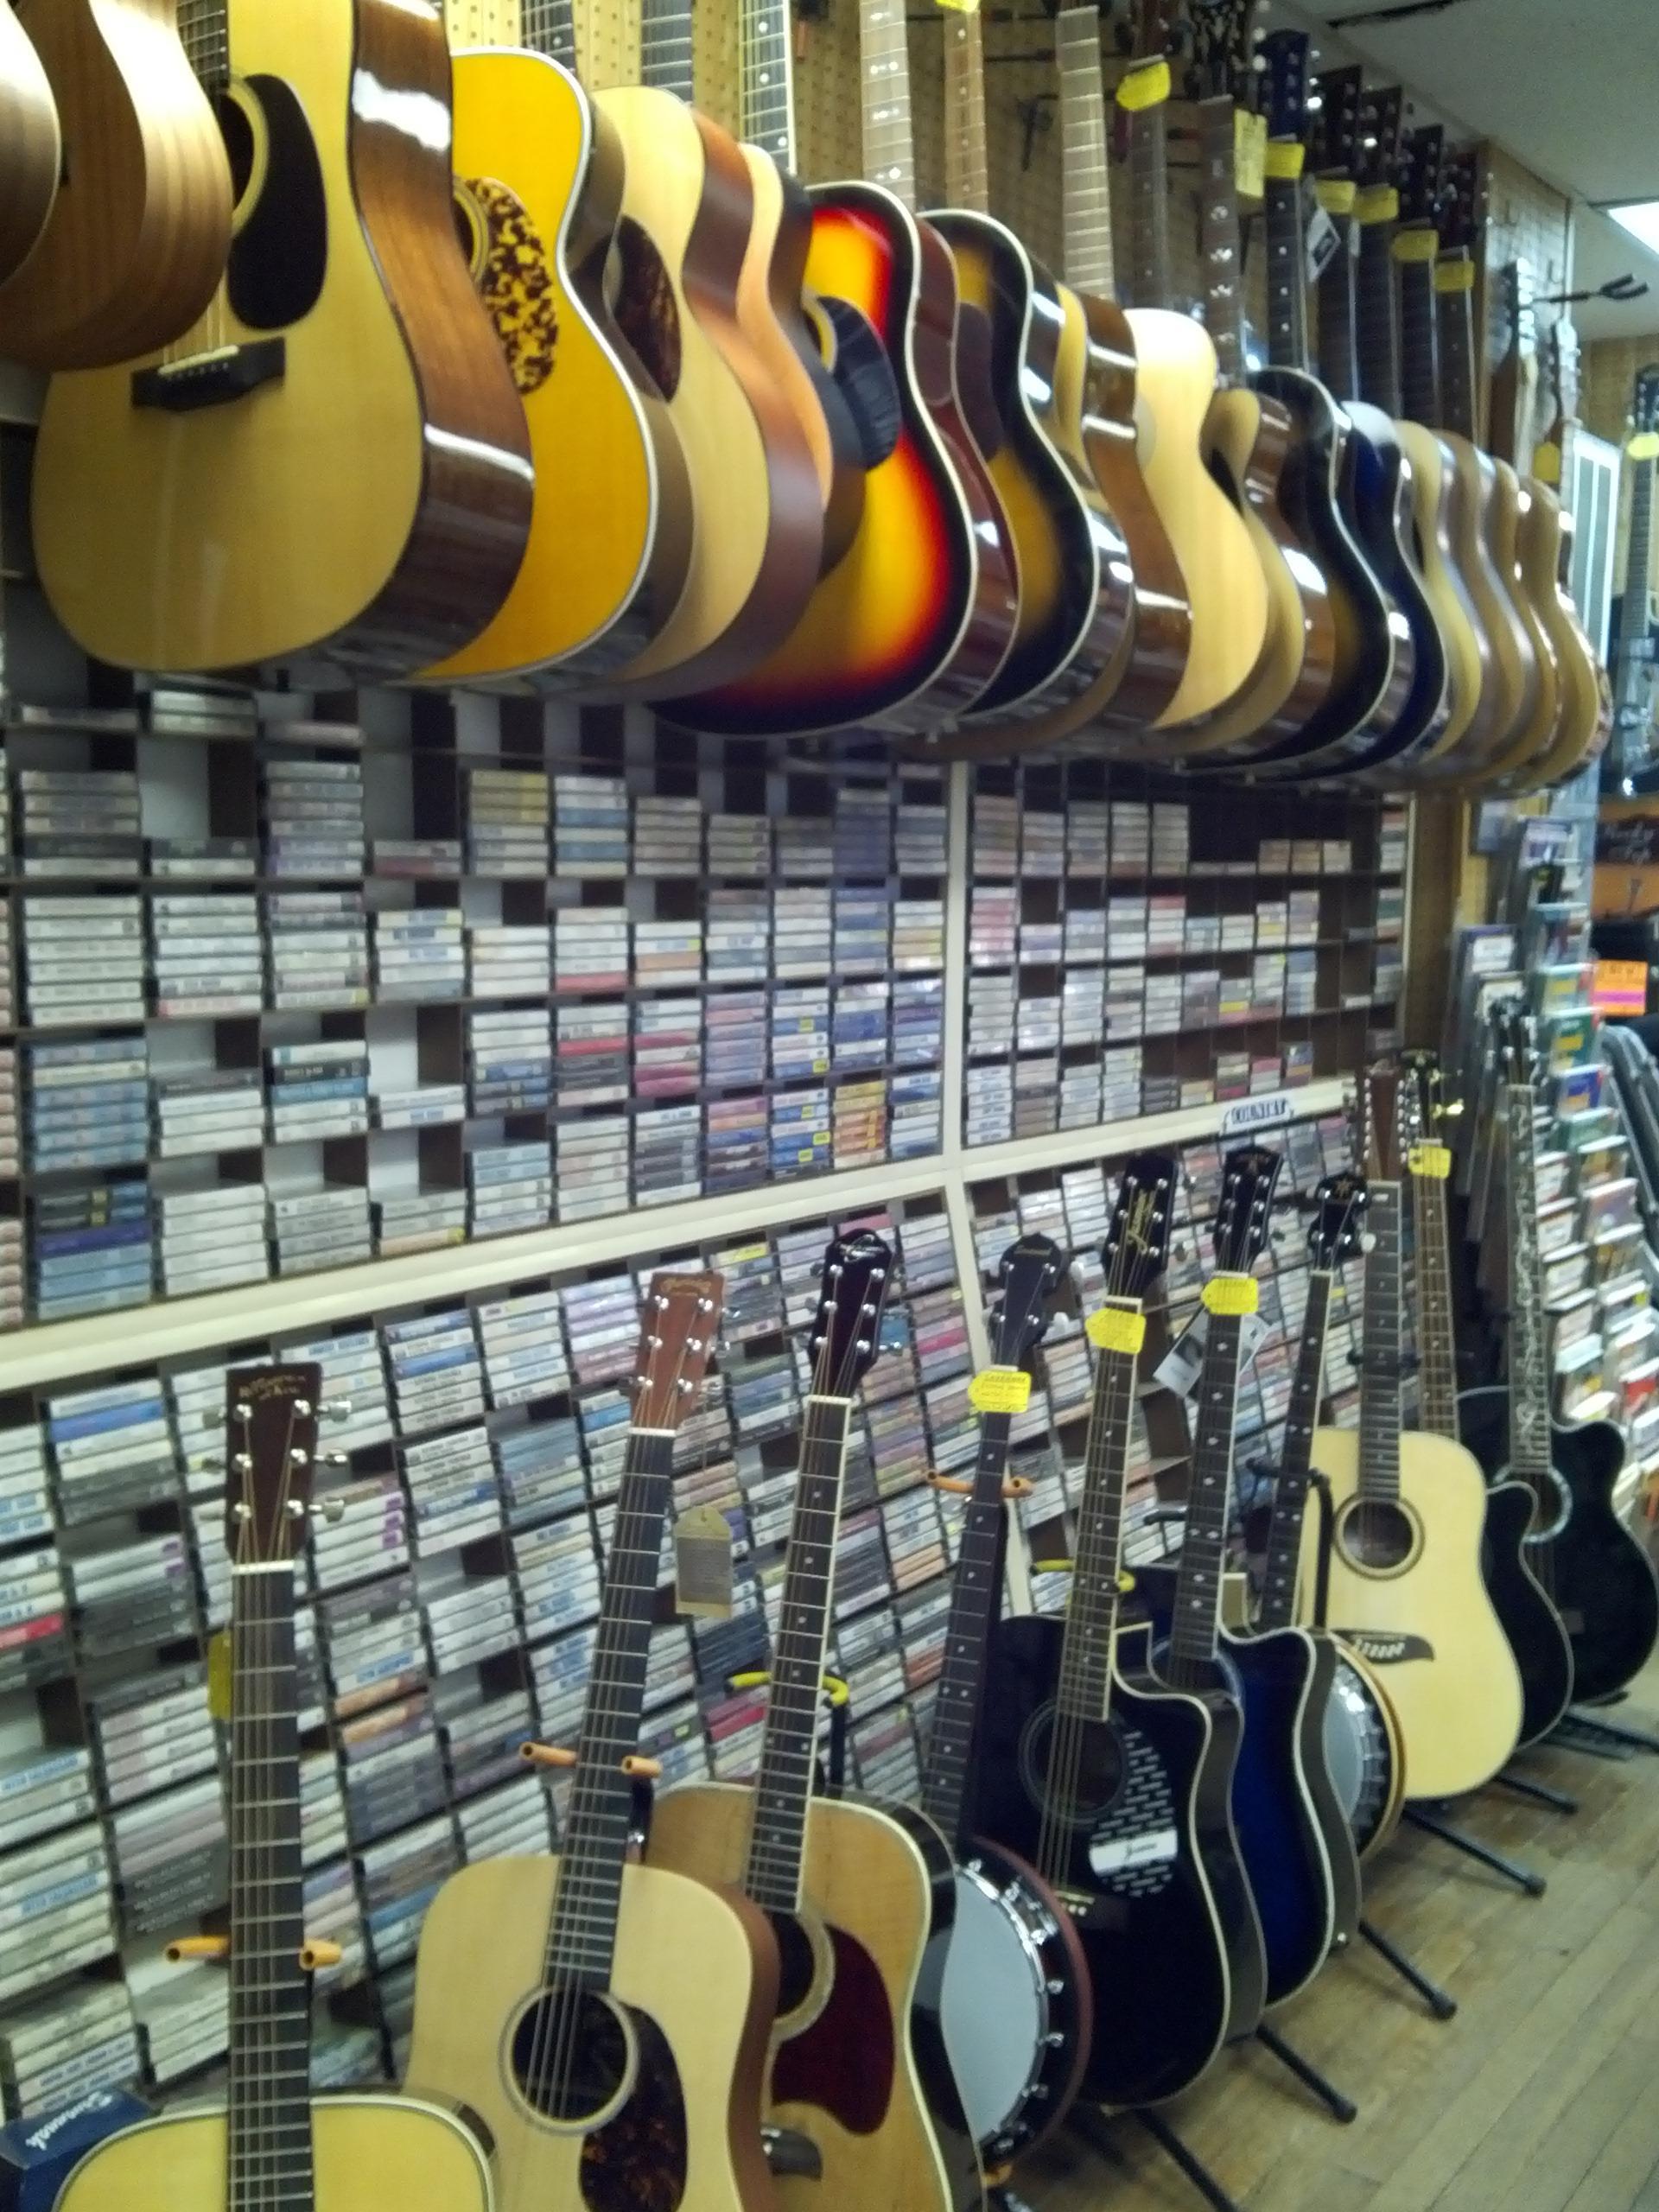 bluegrass music shop